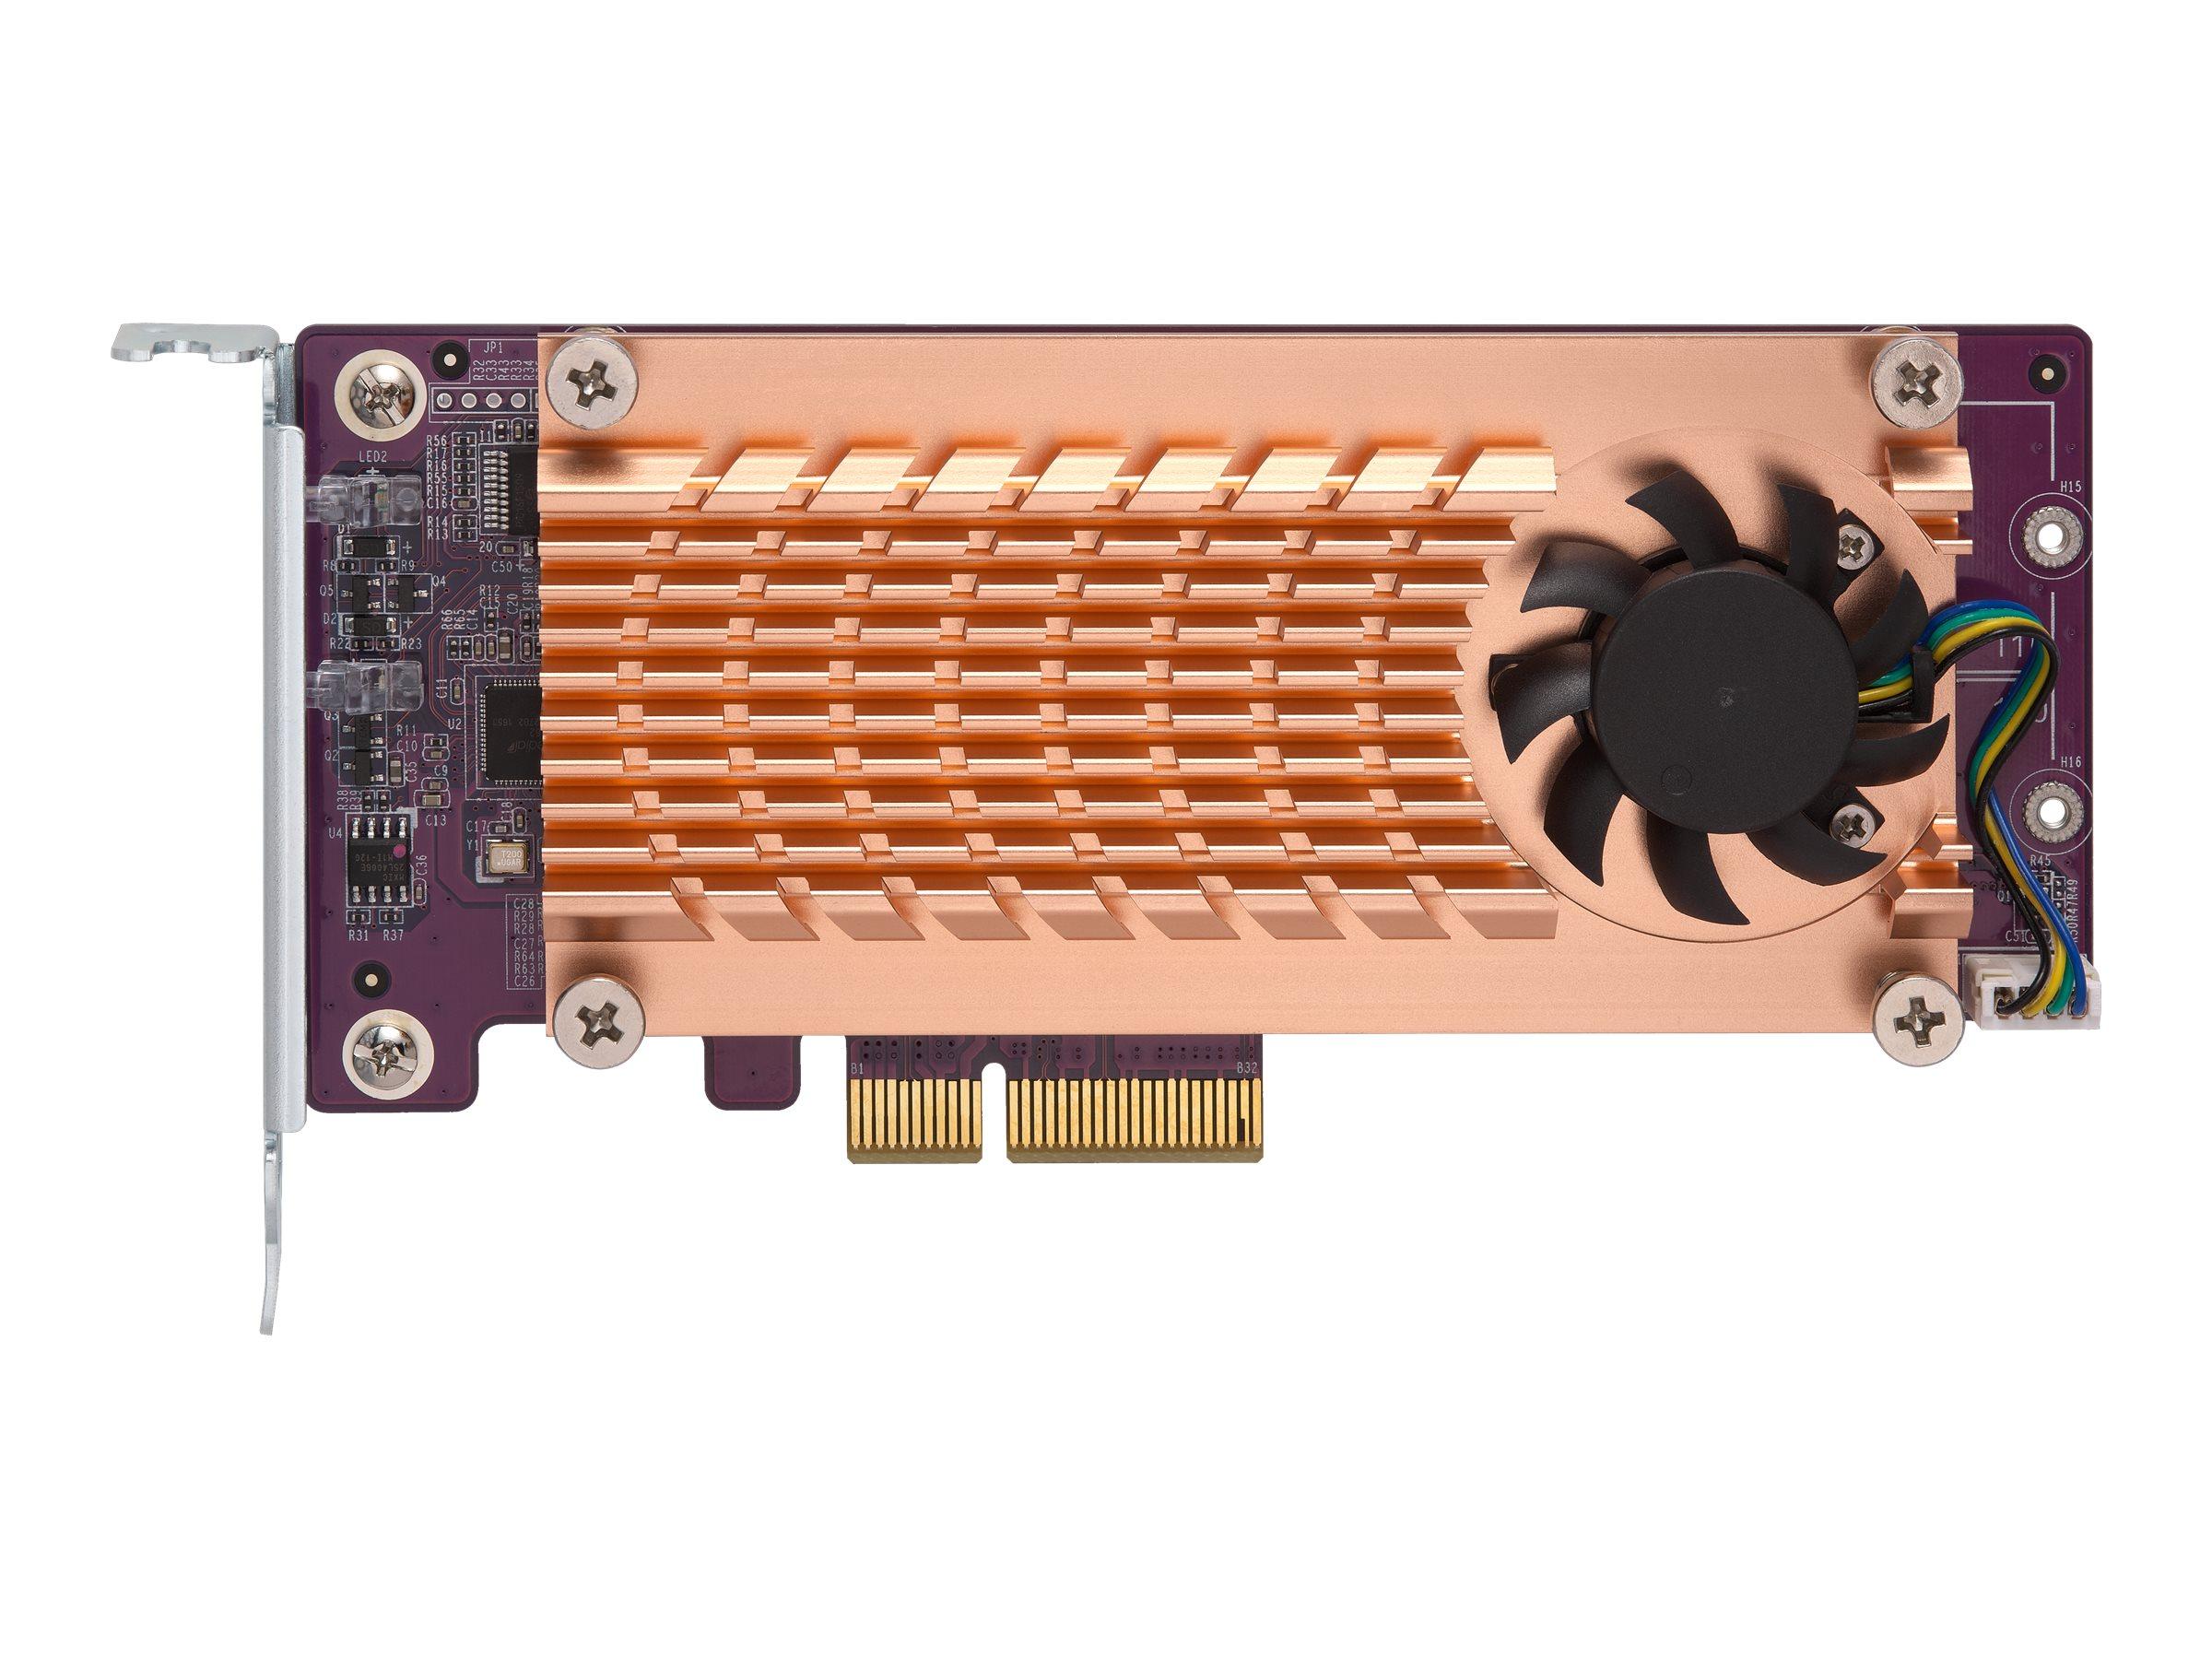 QNAP QM2-2S-220A - Speicher-Controller - SATA Low-Profile - PCIe 2.0 x2